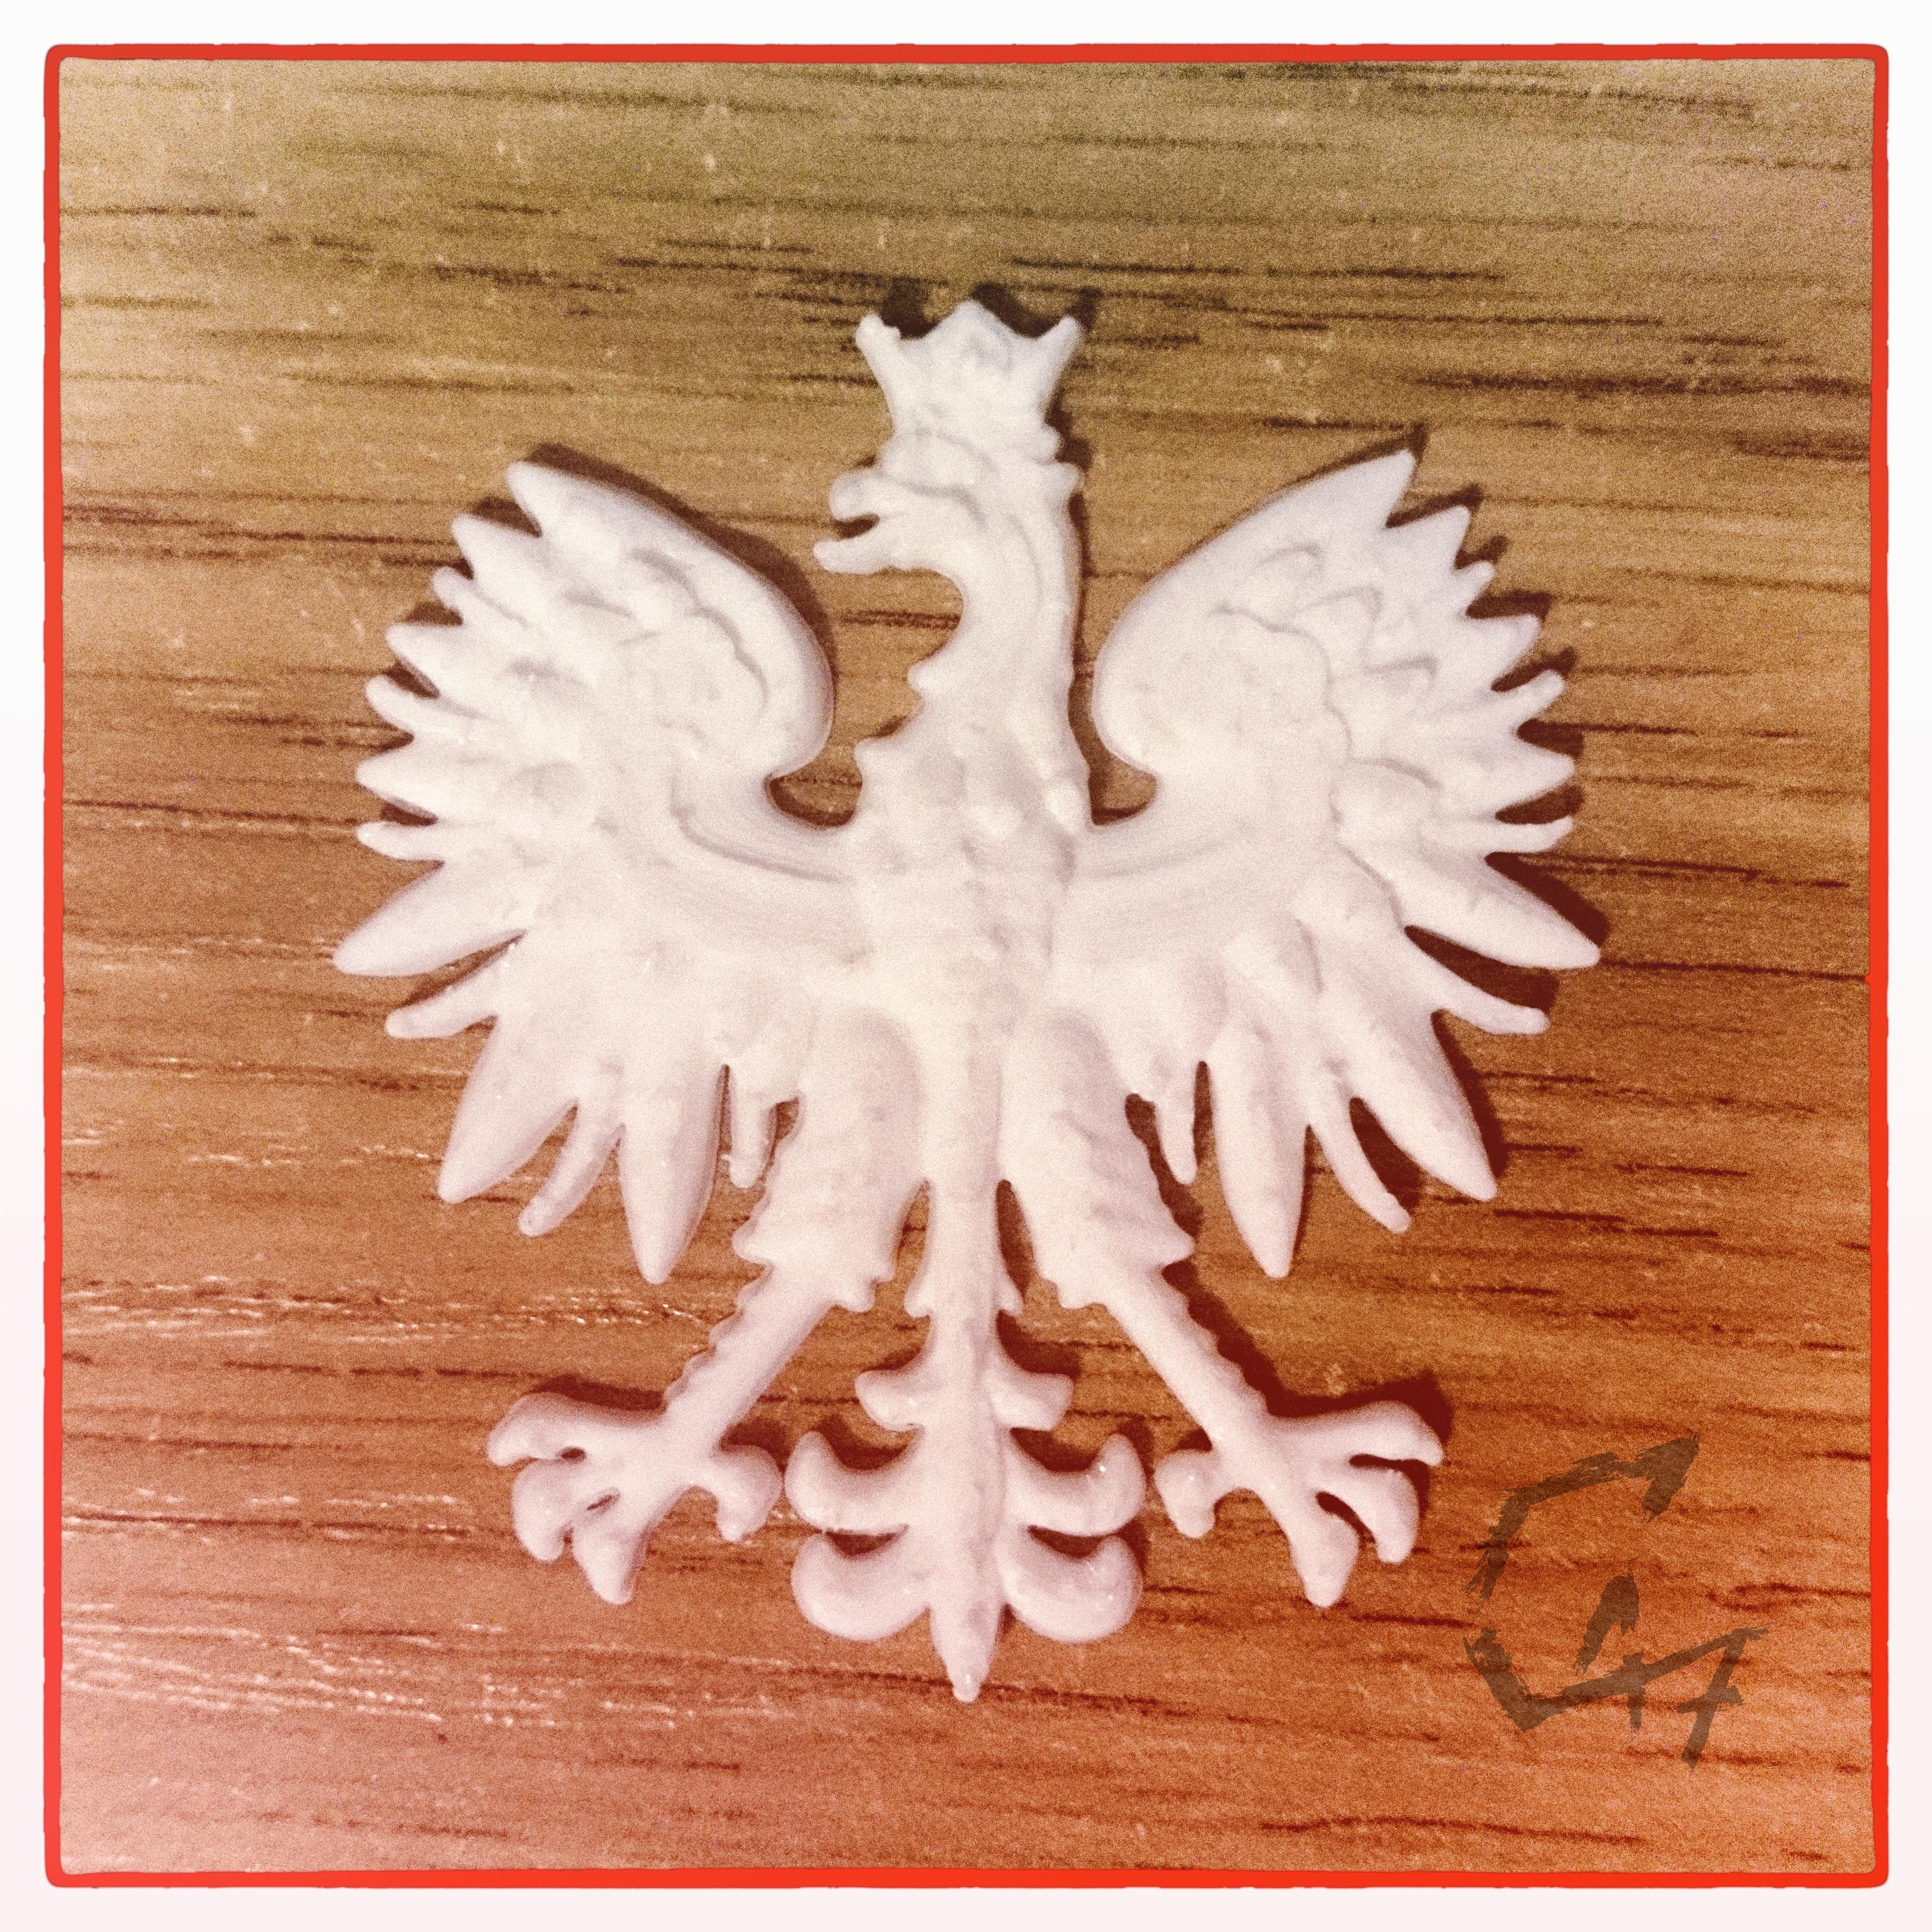 IMG_20190503_123942.jpg Download free STL file Erne ('Eagle') - Polish Emblem • 3D printer model, c47